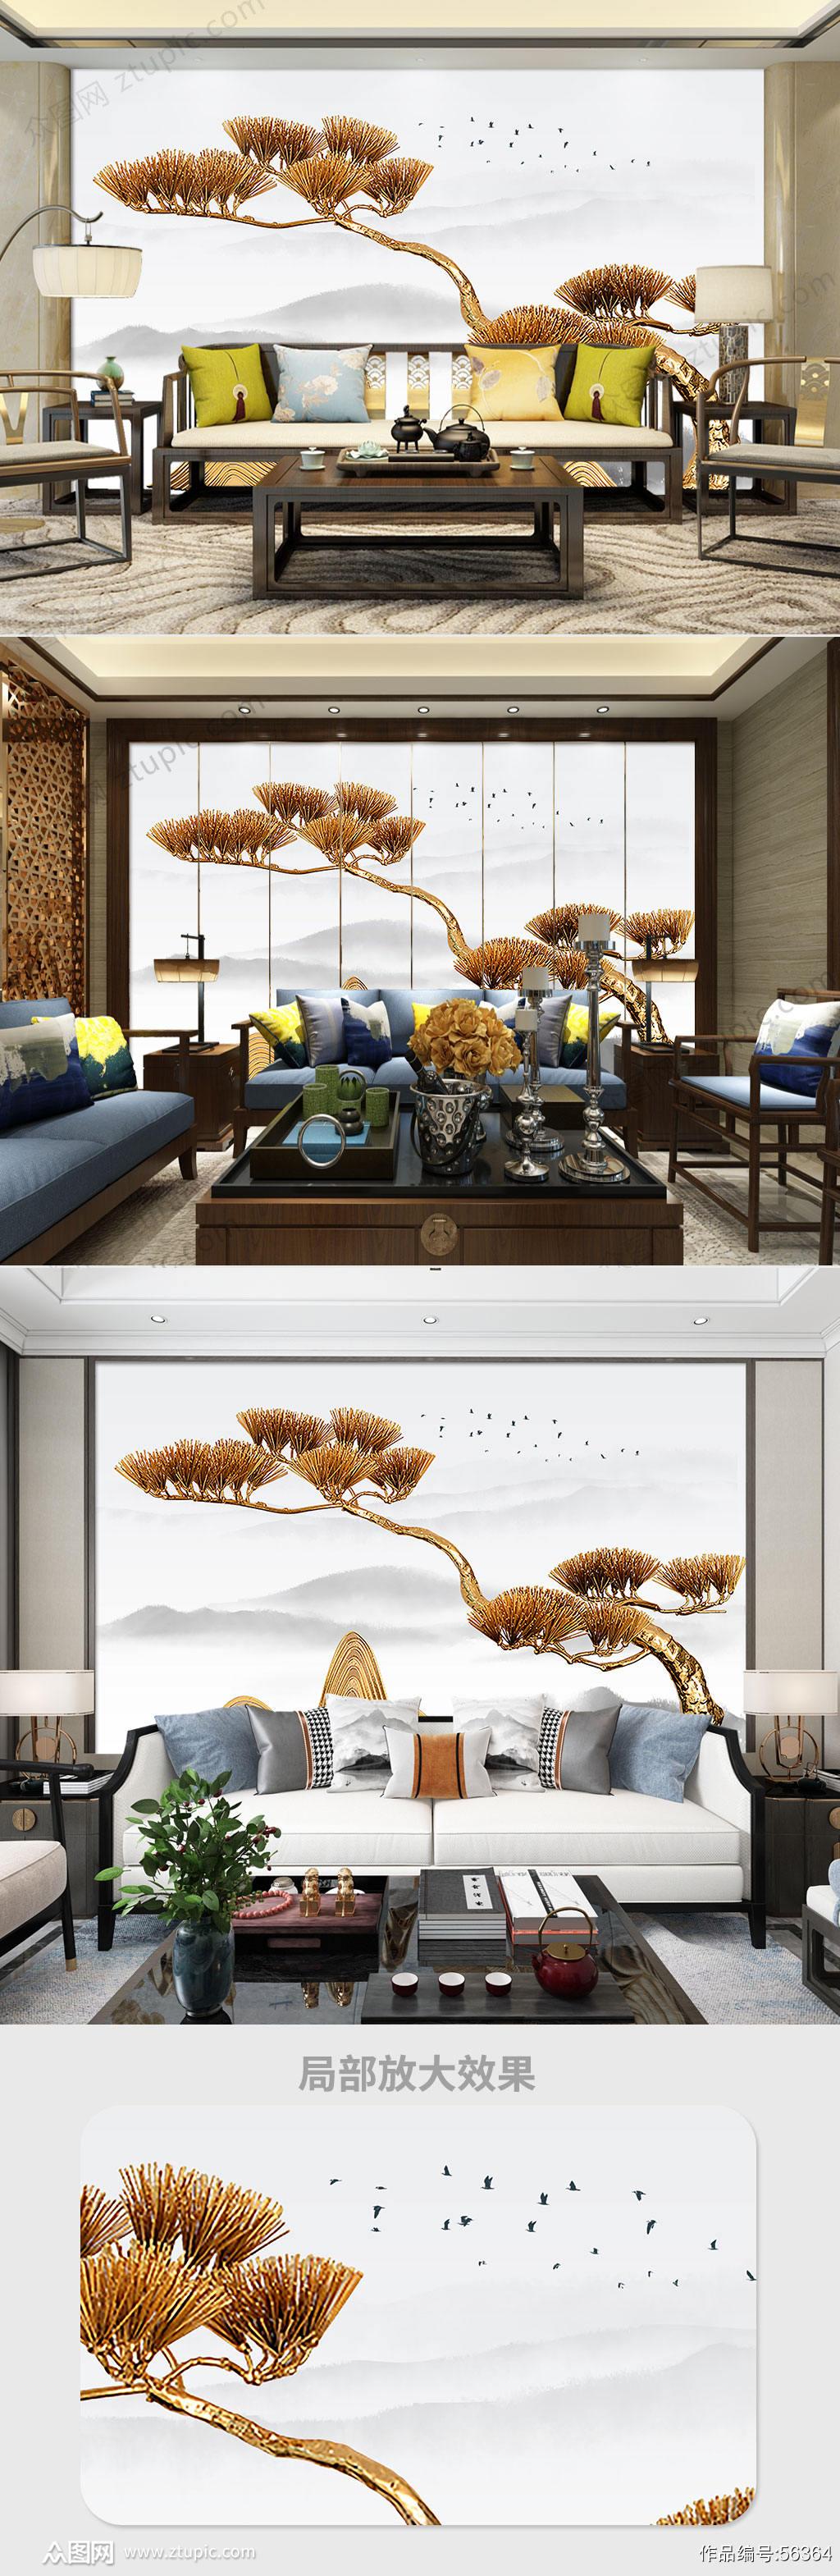 立体浮雕金色松树背景墙素材